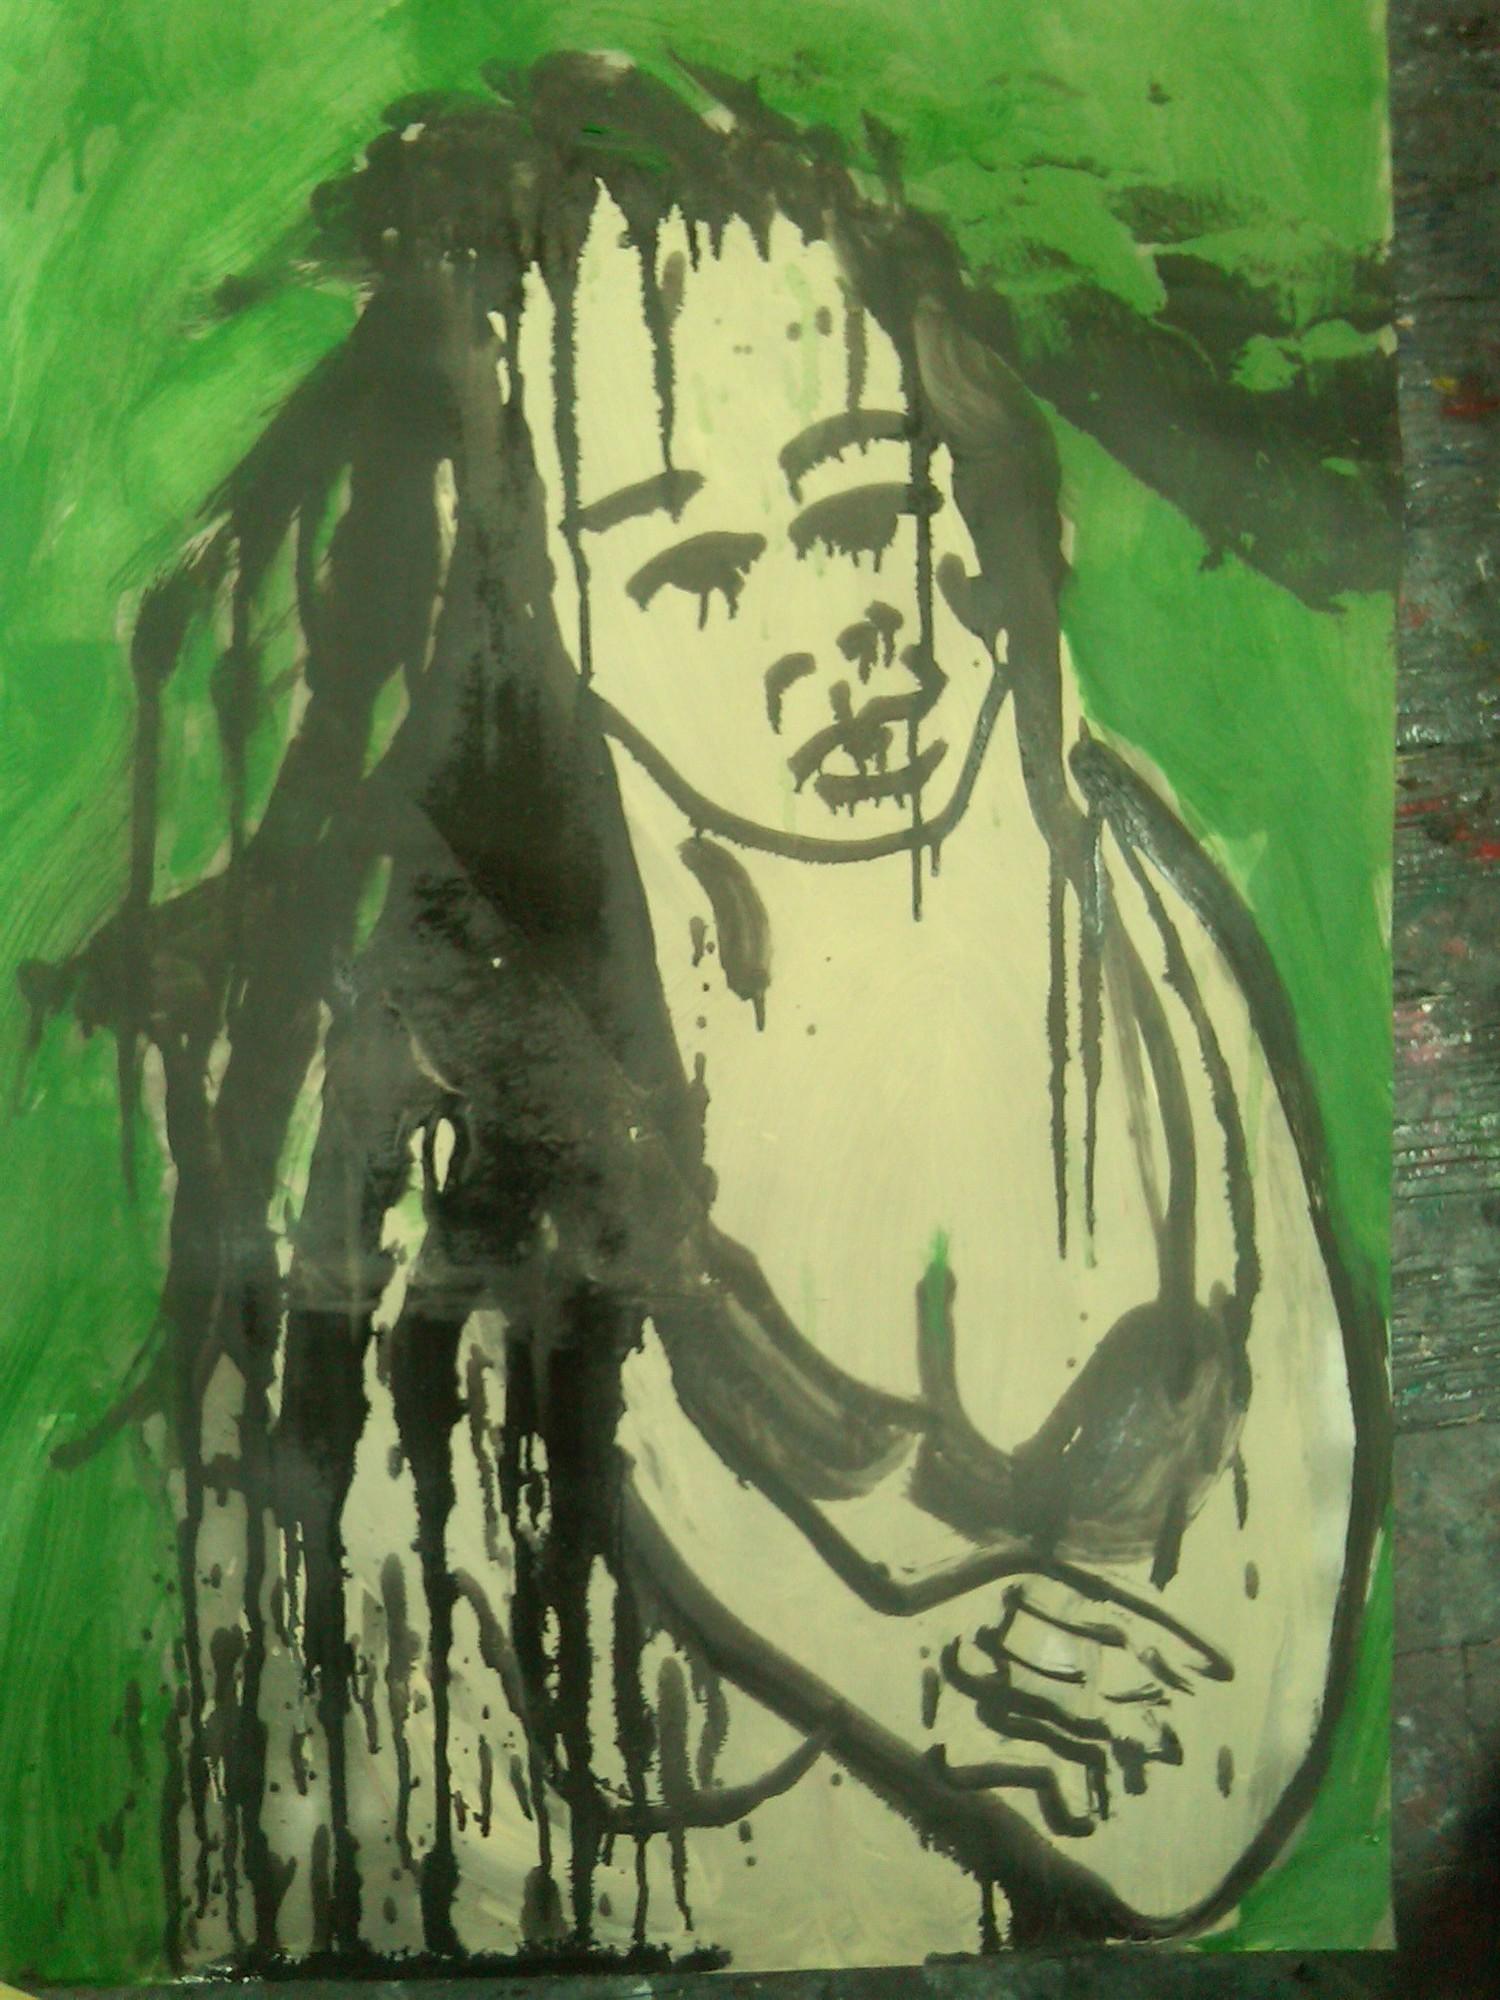 Nokko in Bra - oil/charcoal on paper 36